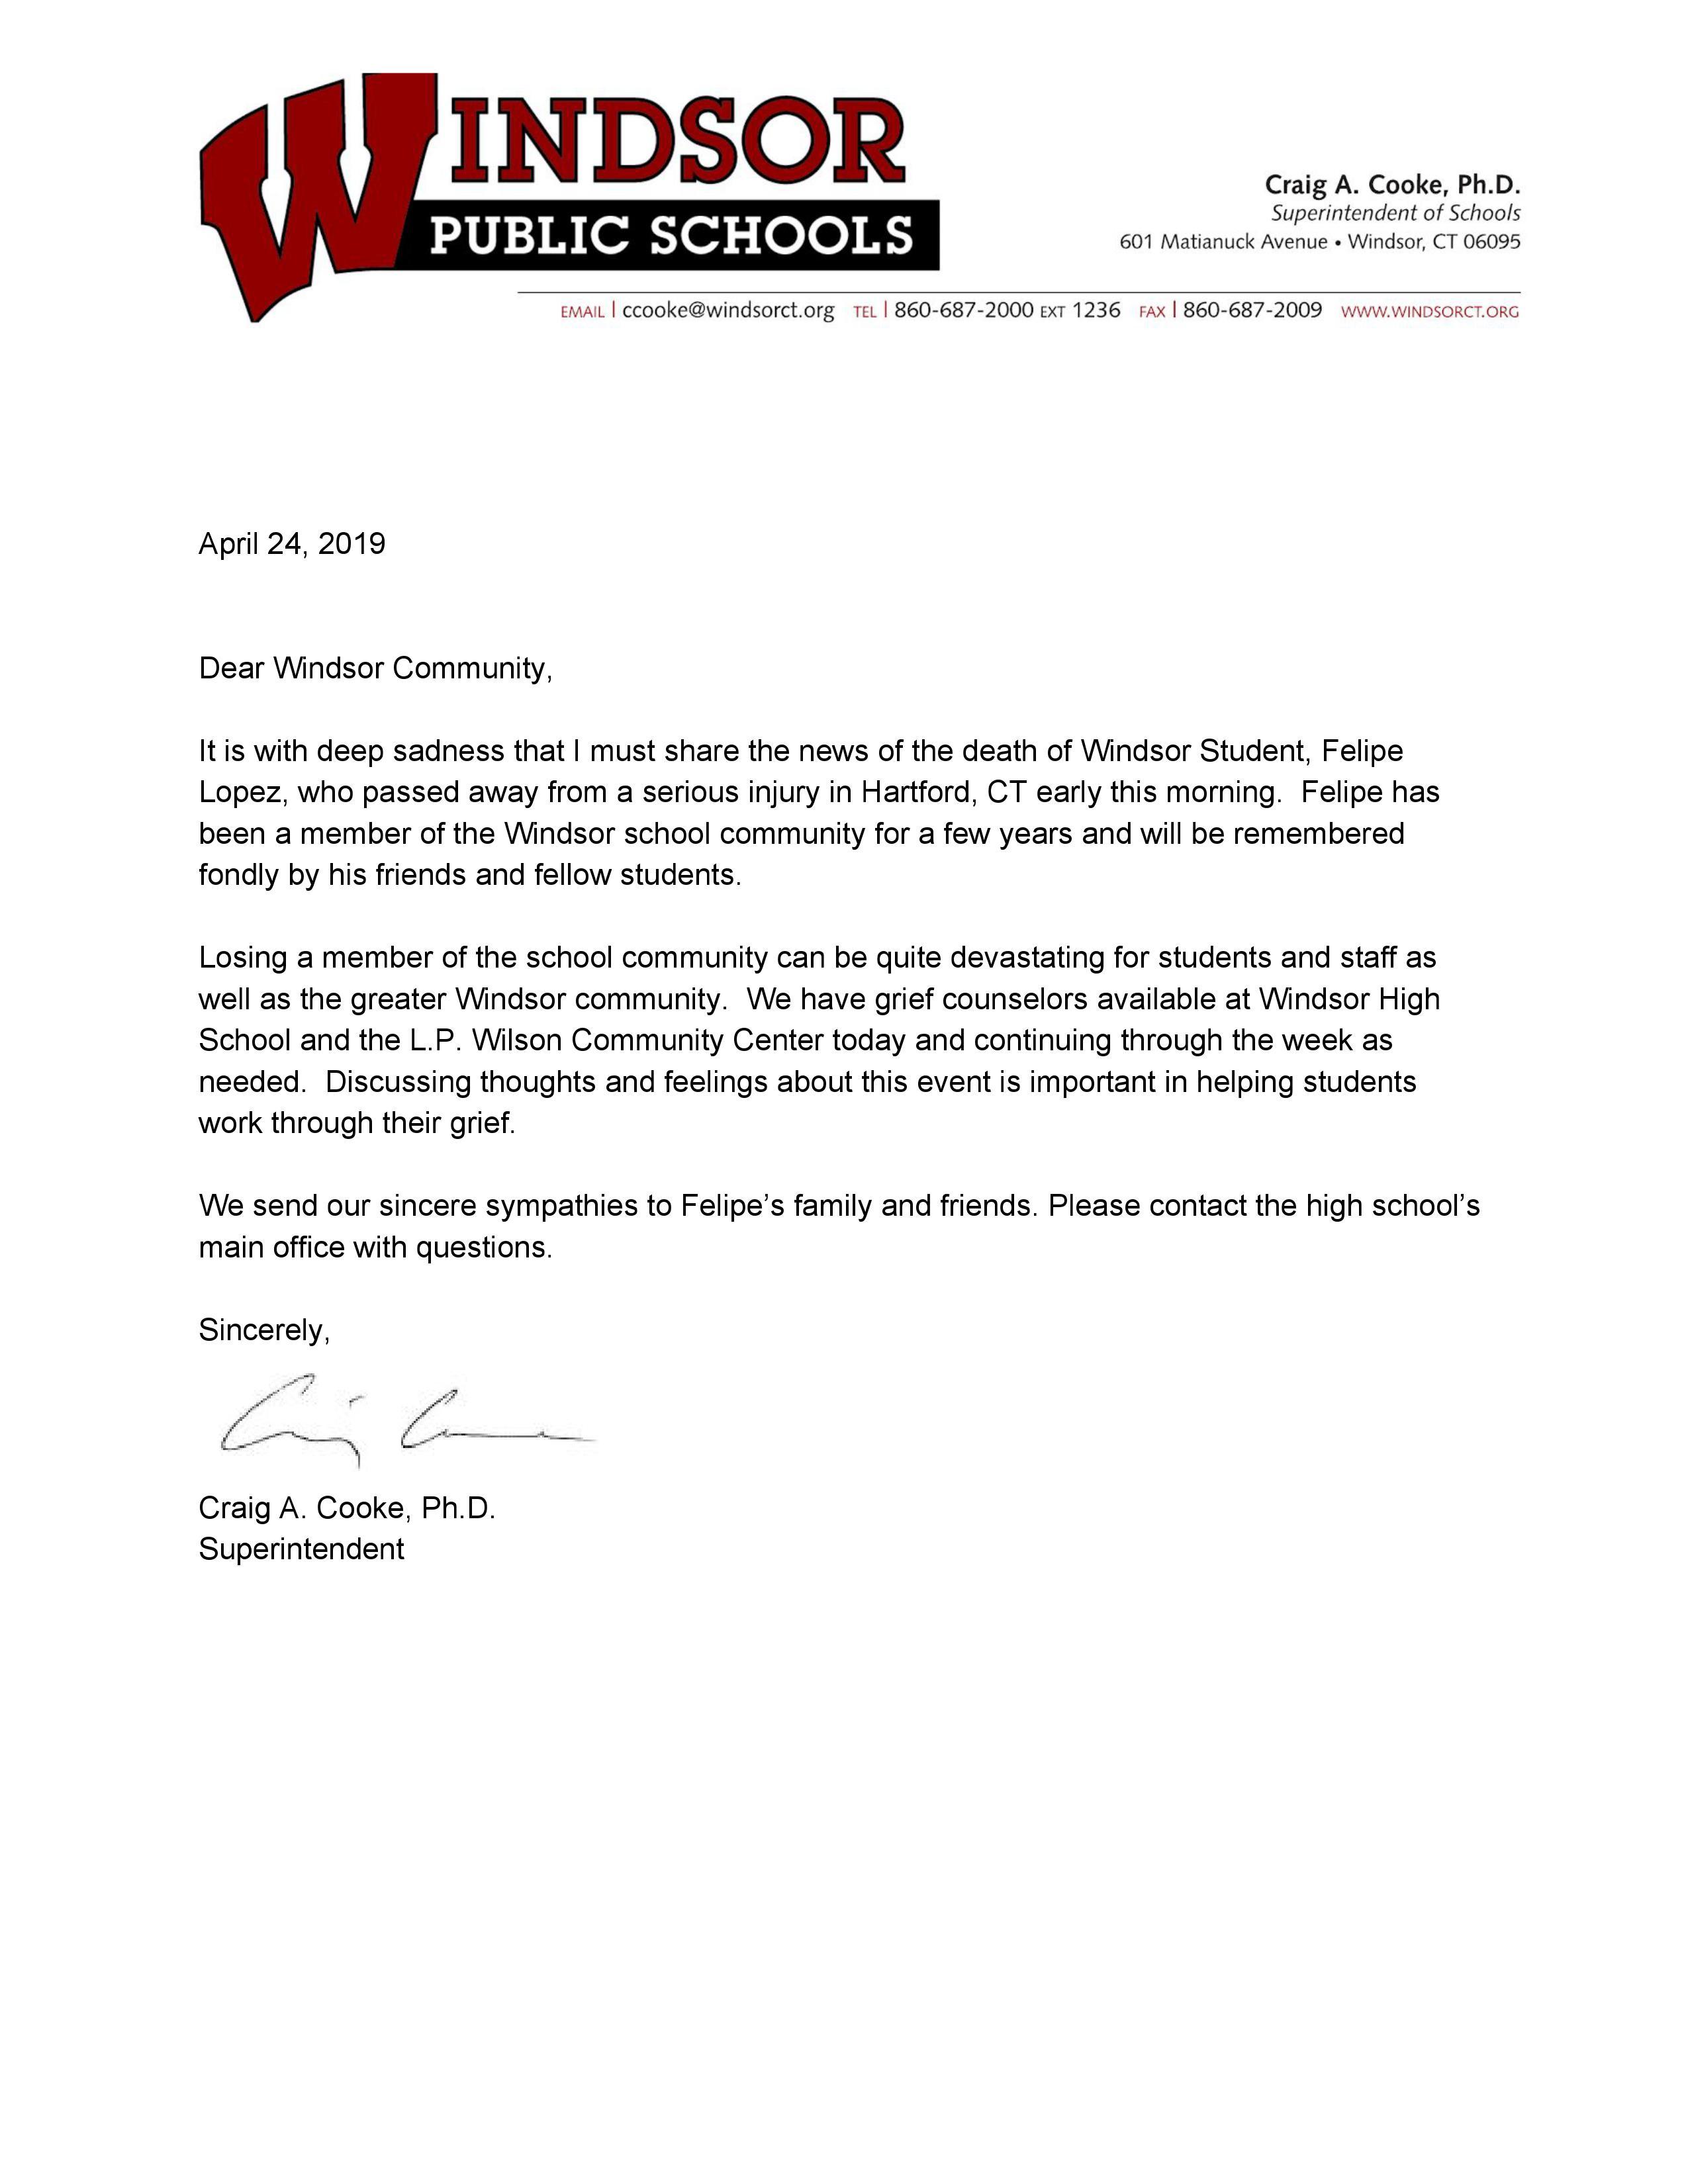 Letter from the Superintendent regarding Felipe Lopez